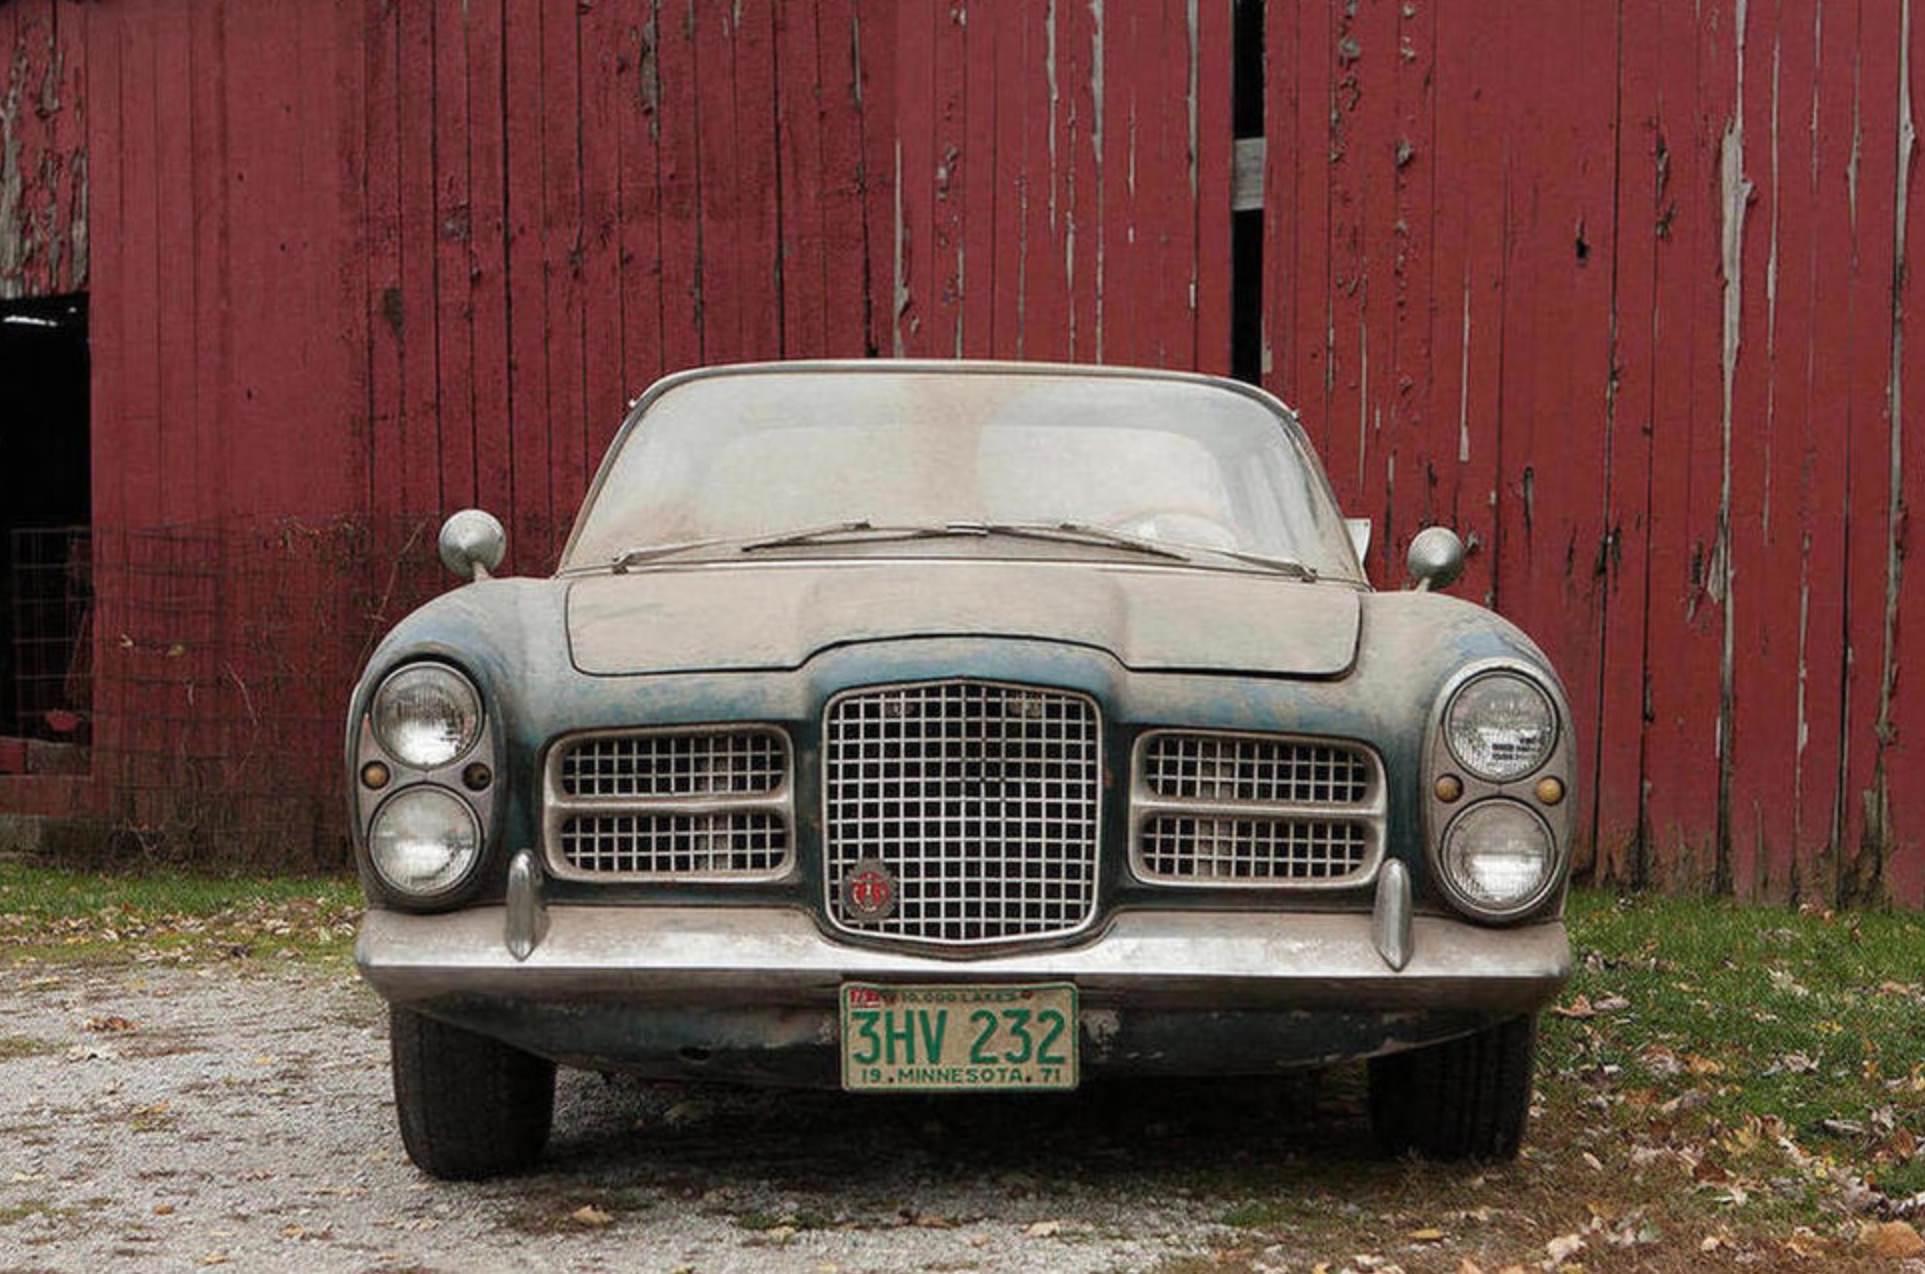 Facel Vega 8 - 1962 Facel Vega Facel II Coupé